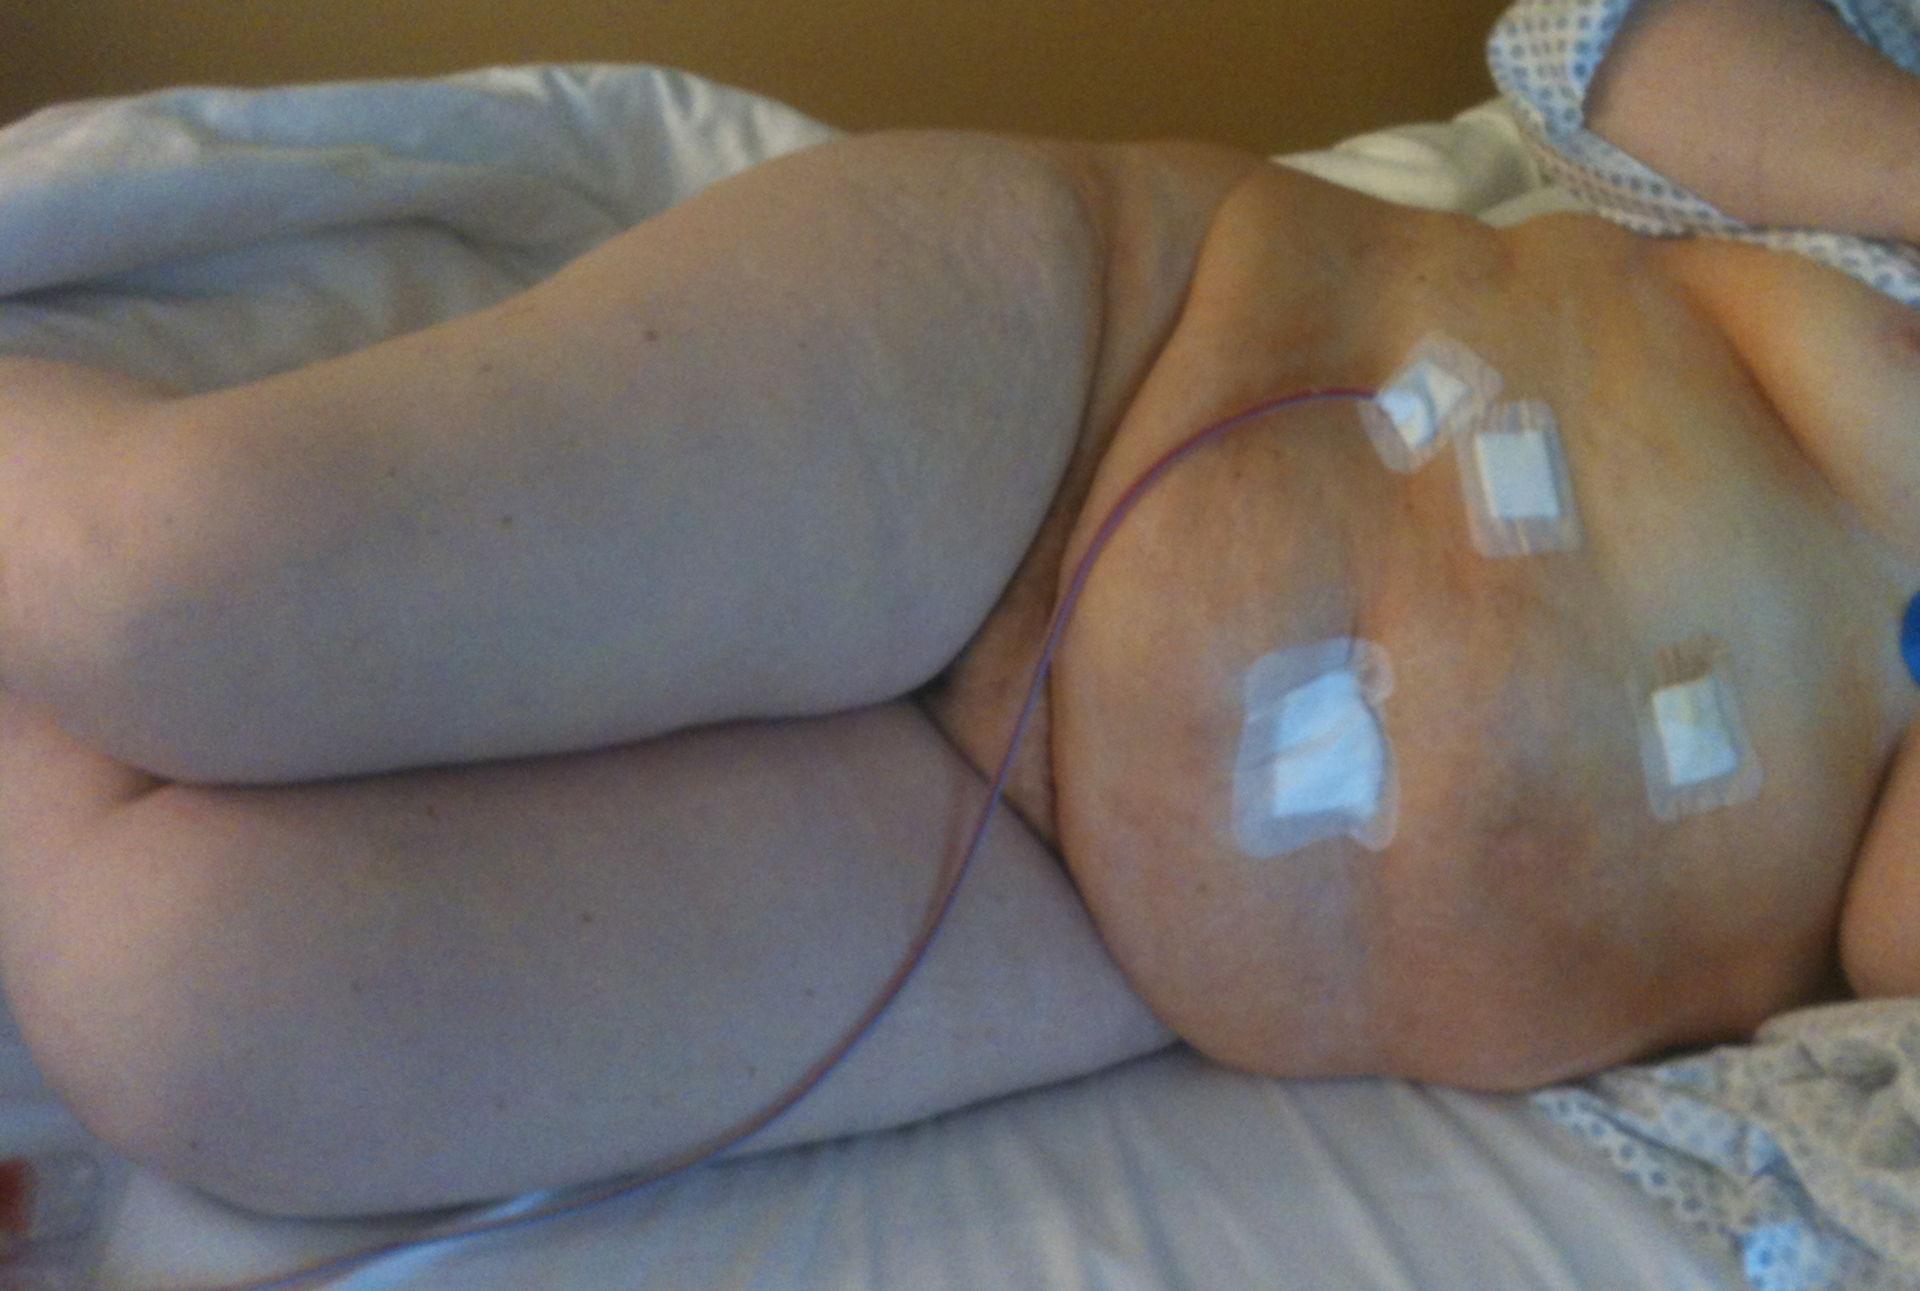 Exantema de la piel - 30 minutos después del tratamiento